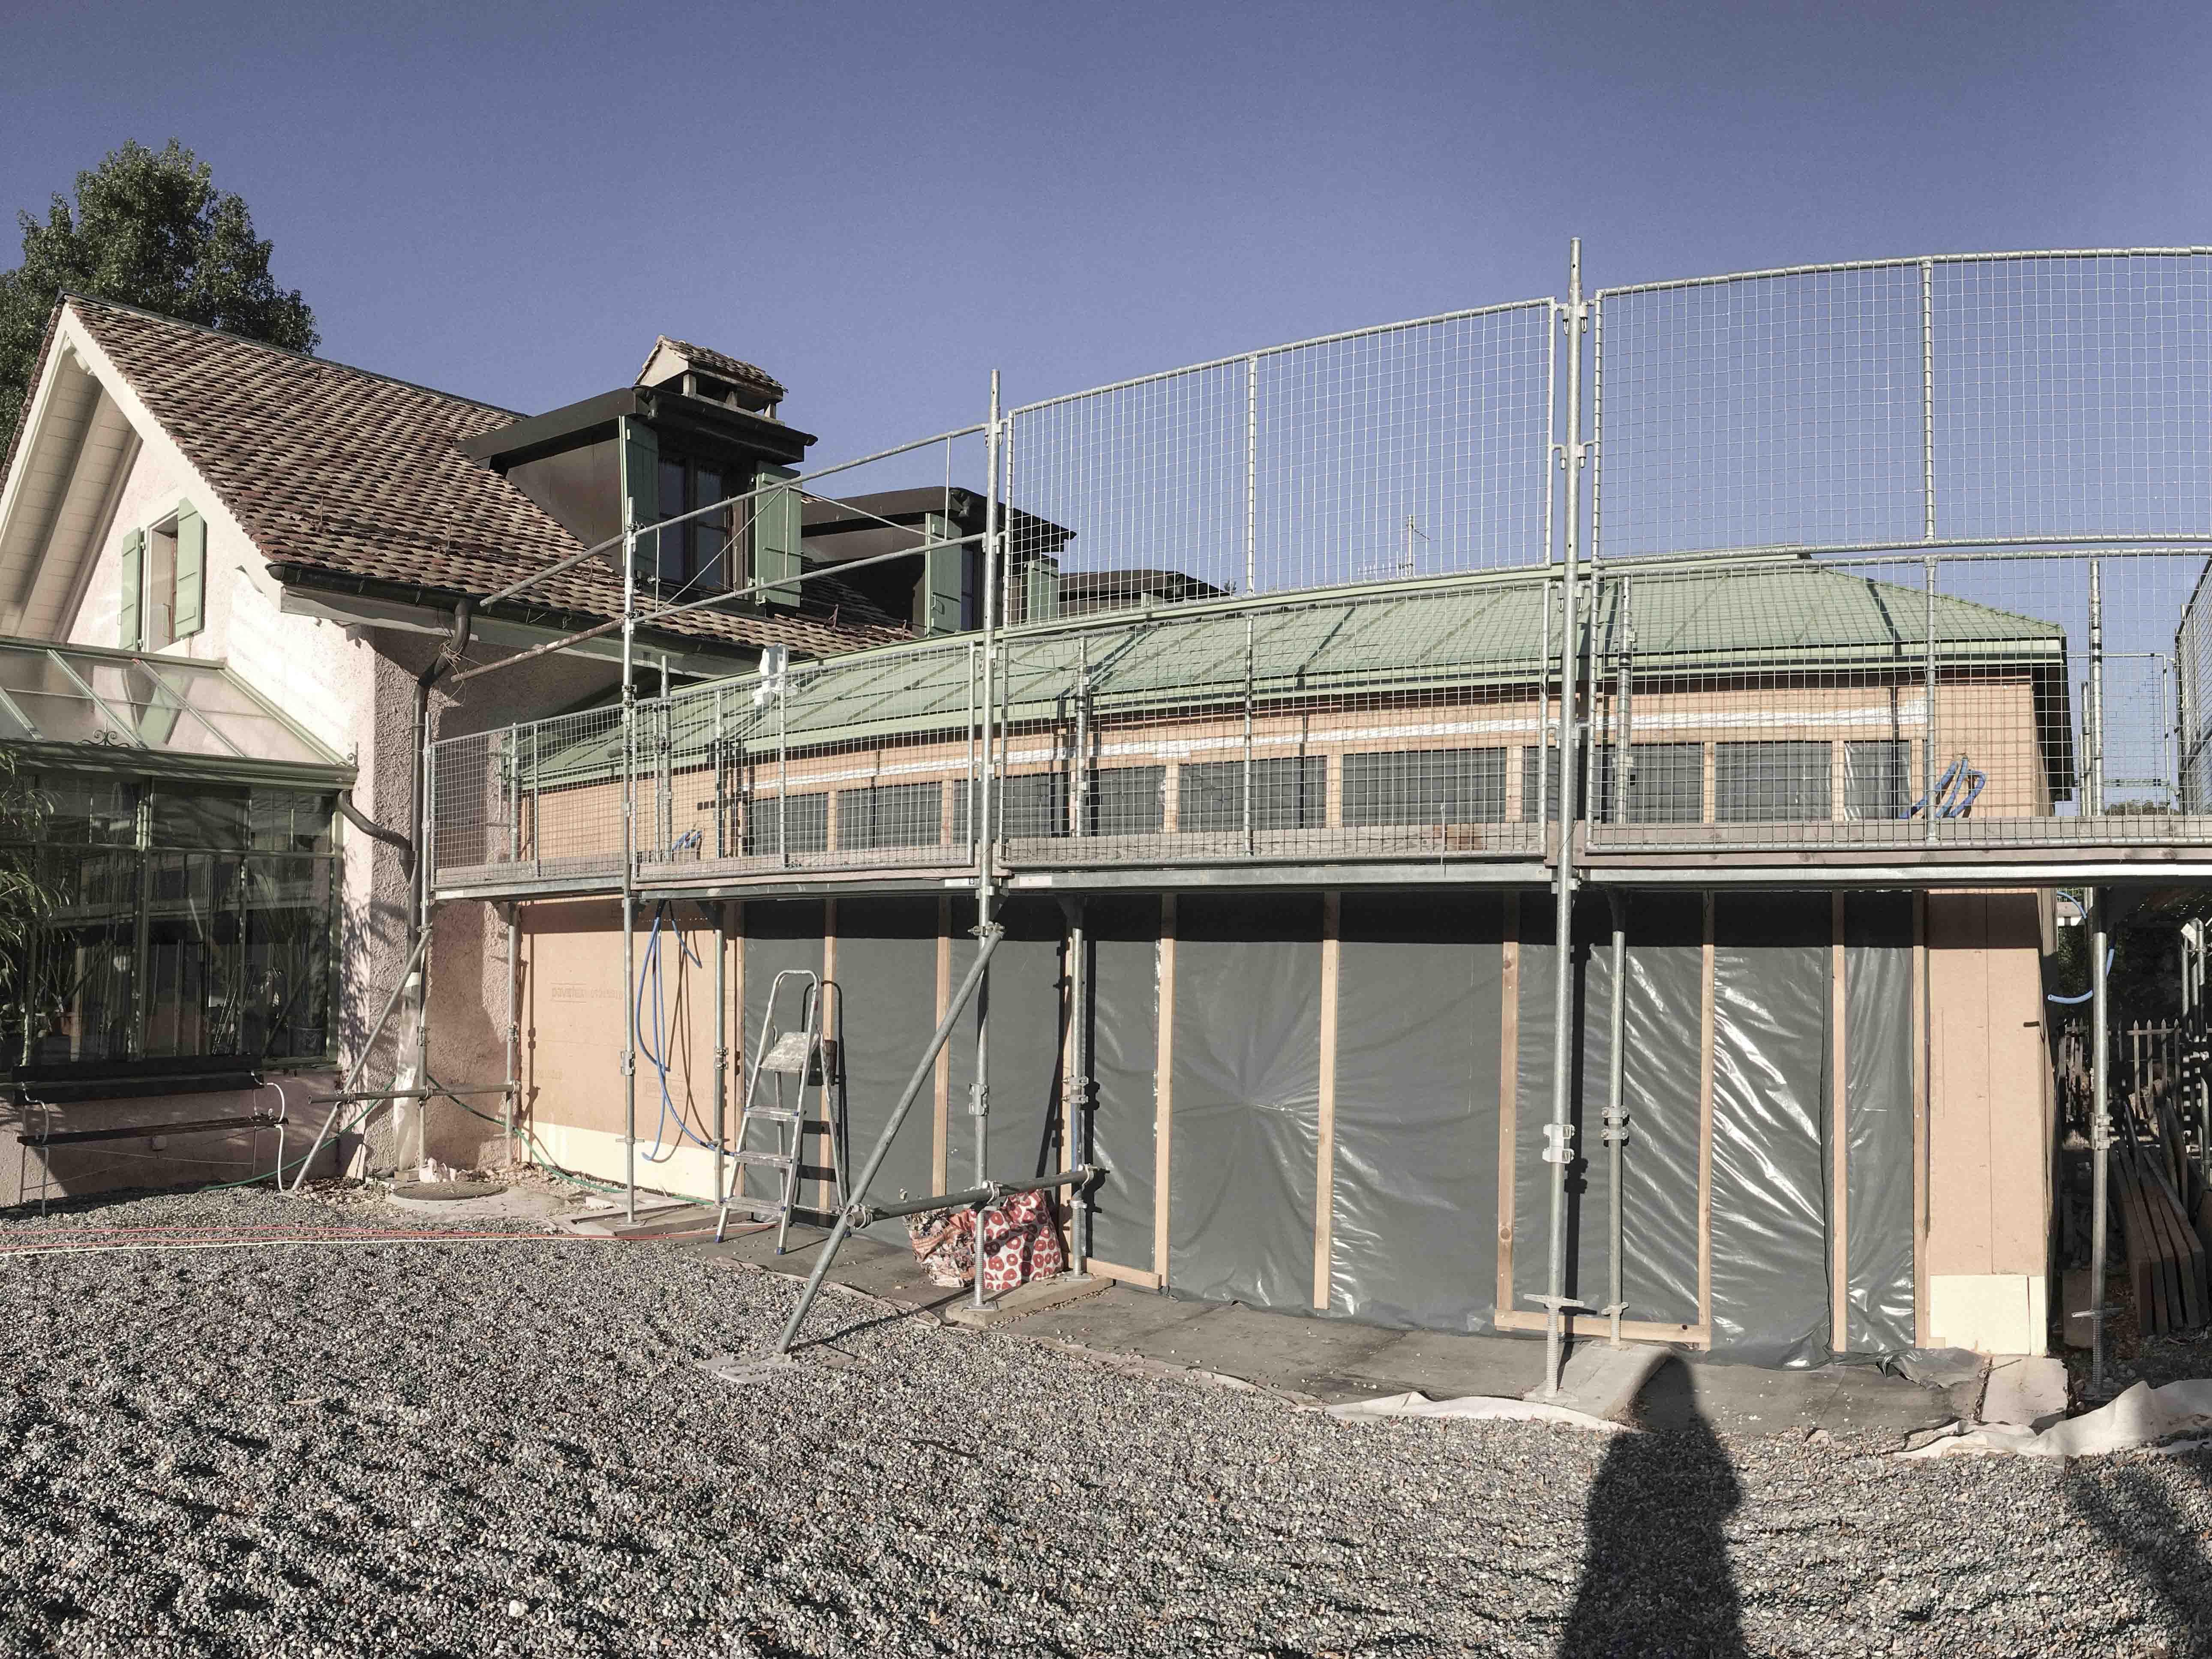 CSDK Architectes Extention Cara Construction 06. - Extension d'une maison - Presinge - CSDK Architectes Extention Cara Construction 06.